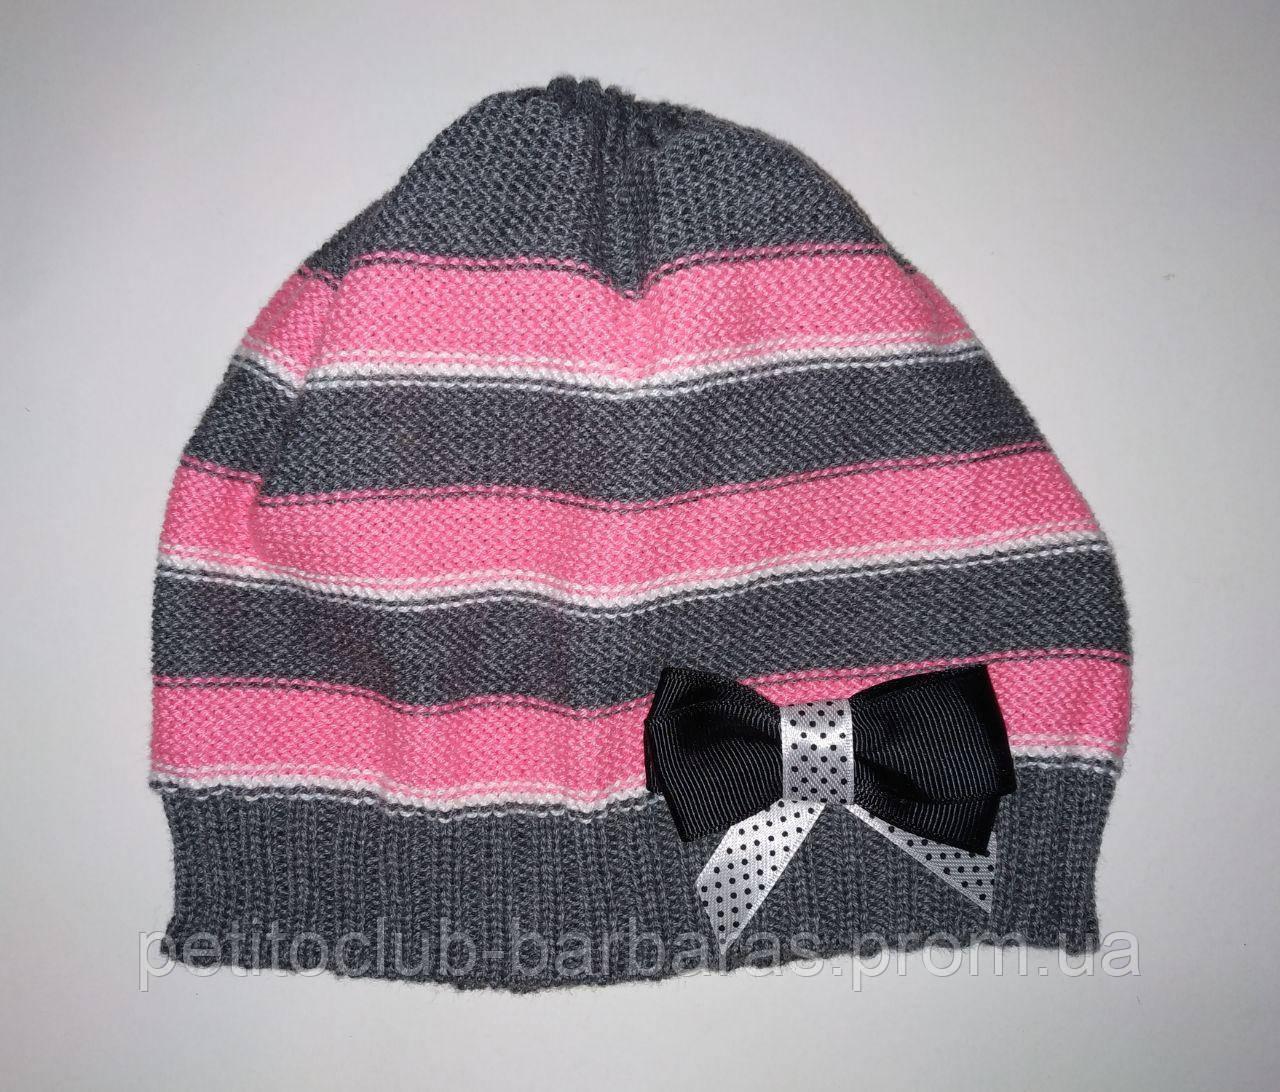 Дитячий демісезонний шапка трикотажна в смужку з бантиком для дівчинки (AJS, Польща)